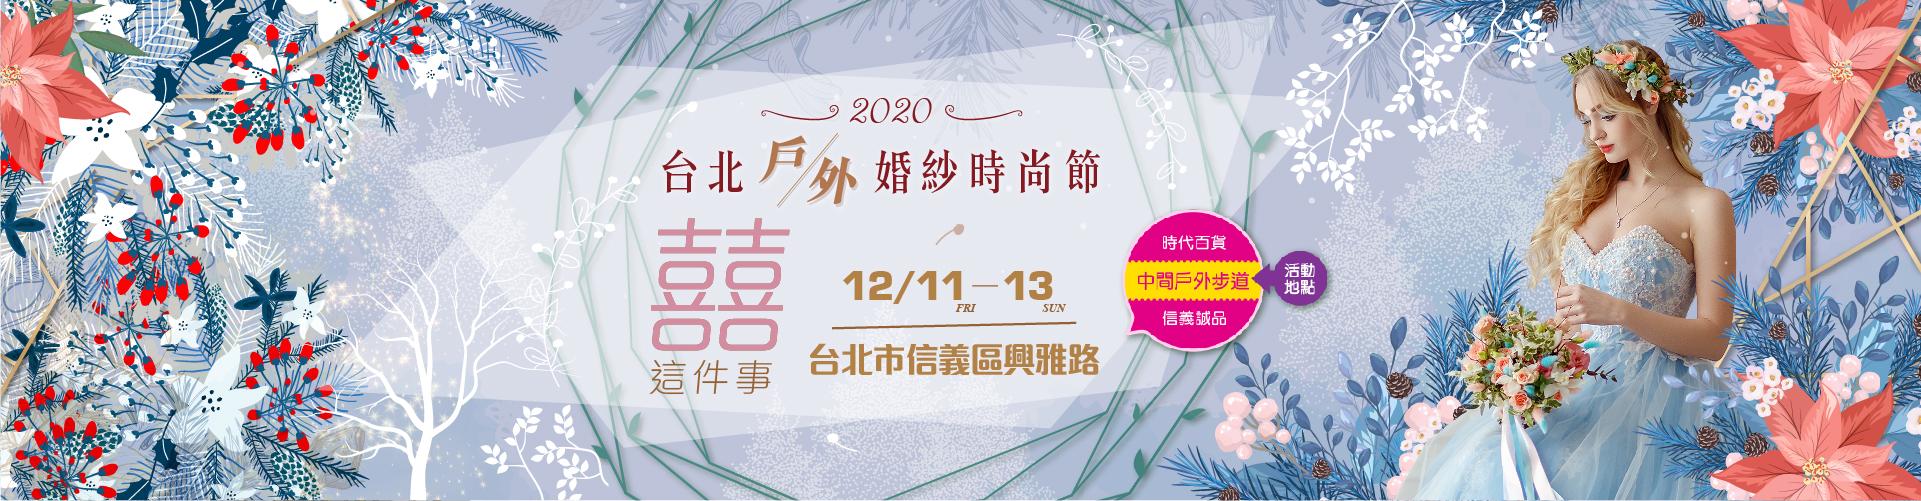 2020台北戶外婚紗時尚節